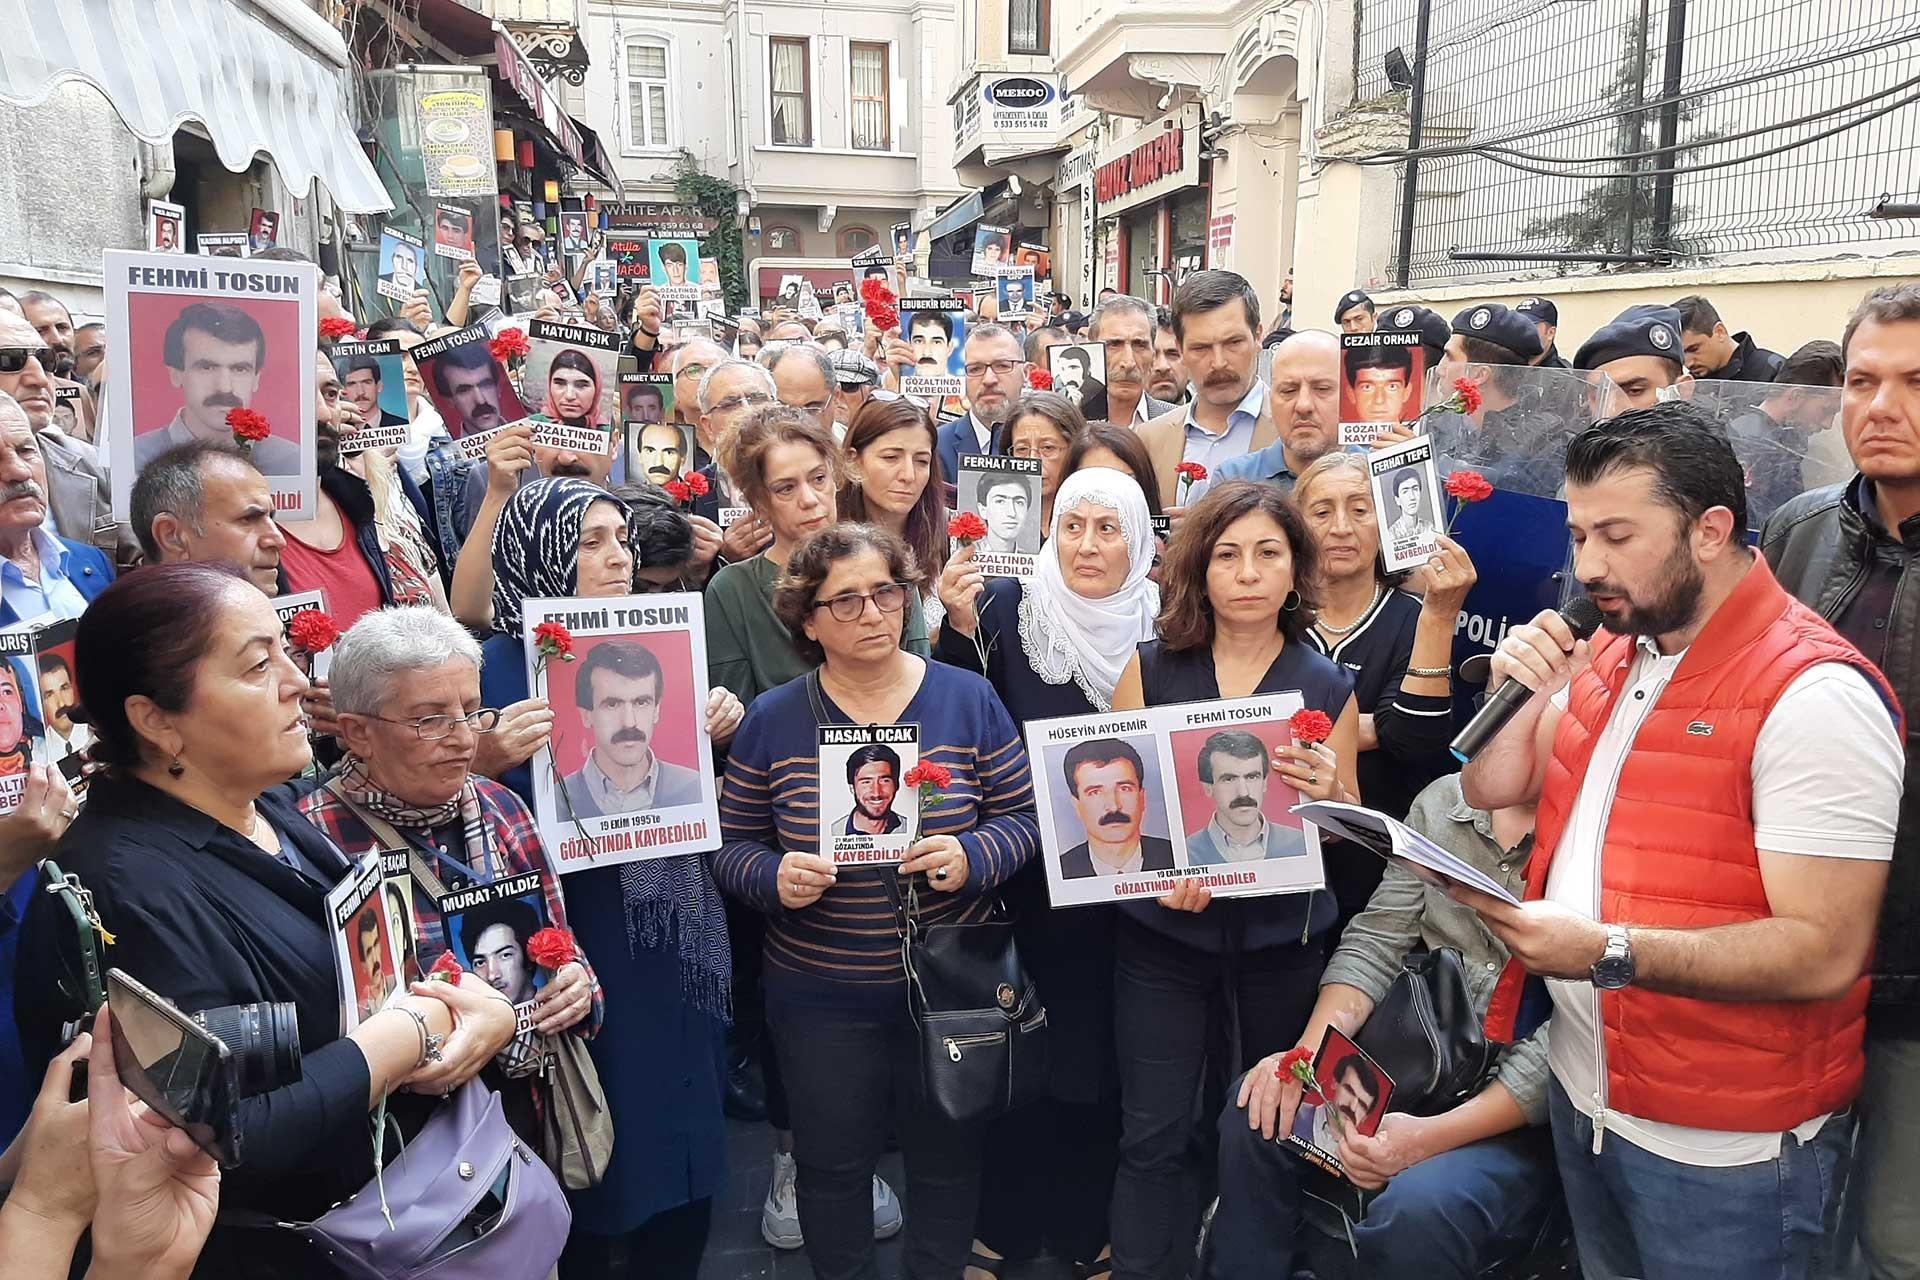 Cumartesi Anneleri Tosun ve Aydemir'in akıbeti sordu: Hakikati istiyoruz